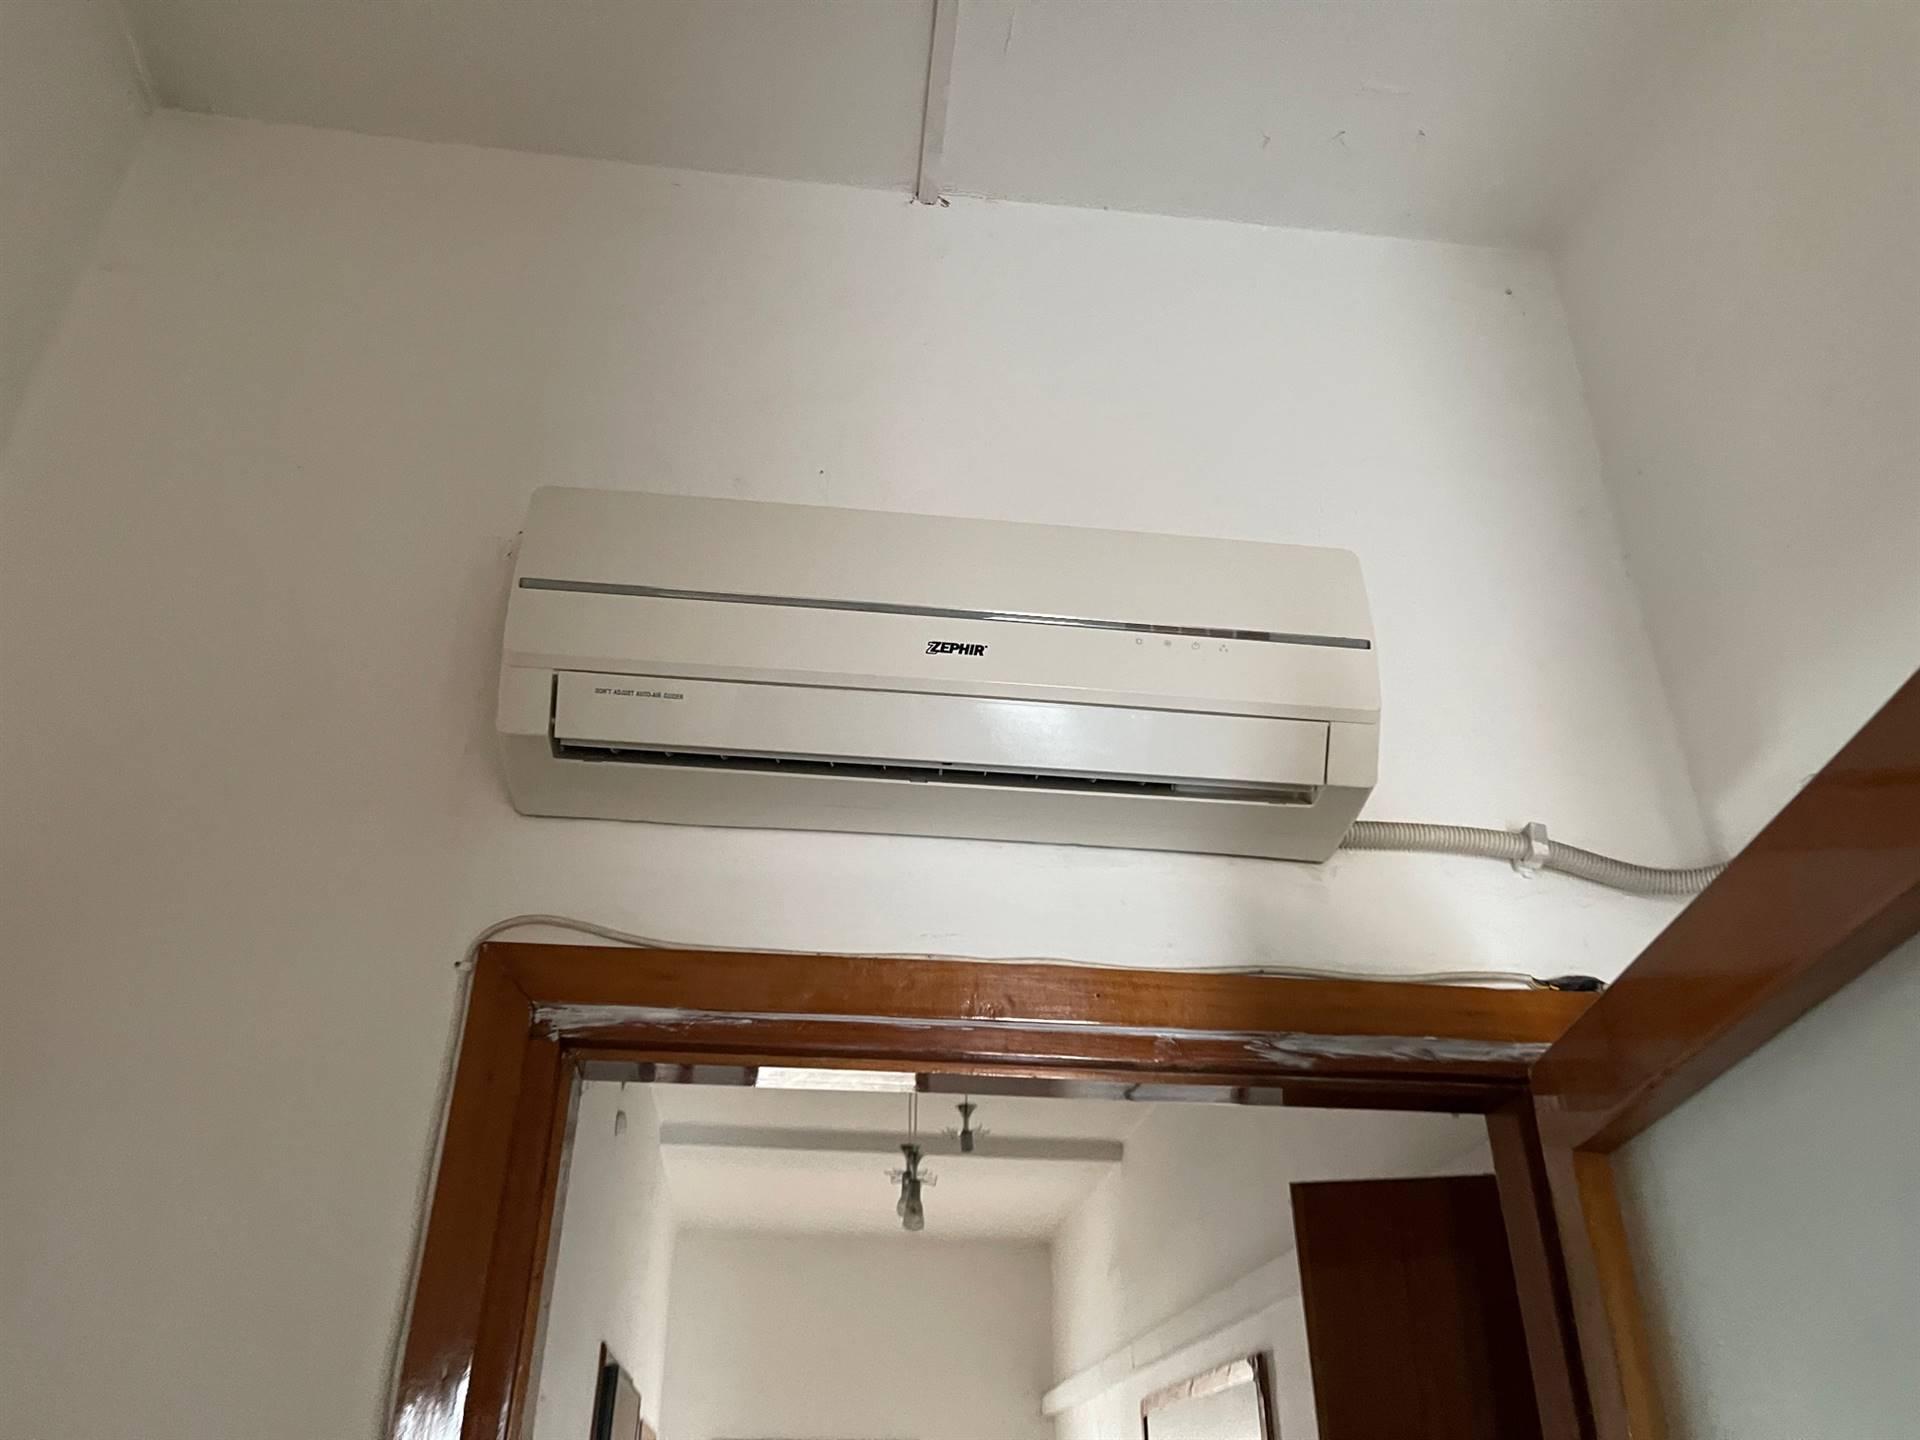 aria condizionata affitto Mestre euro 800